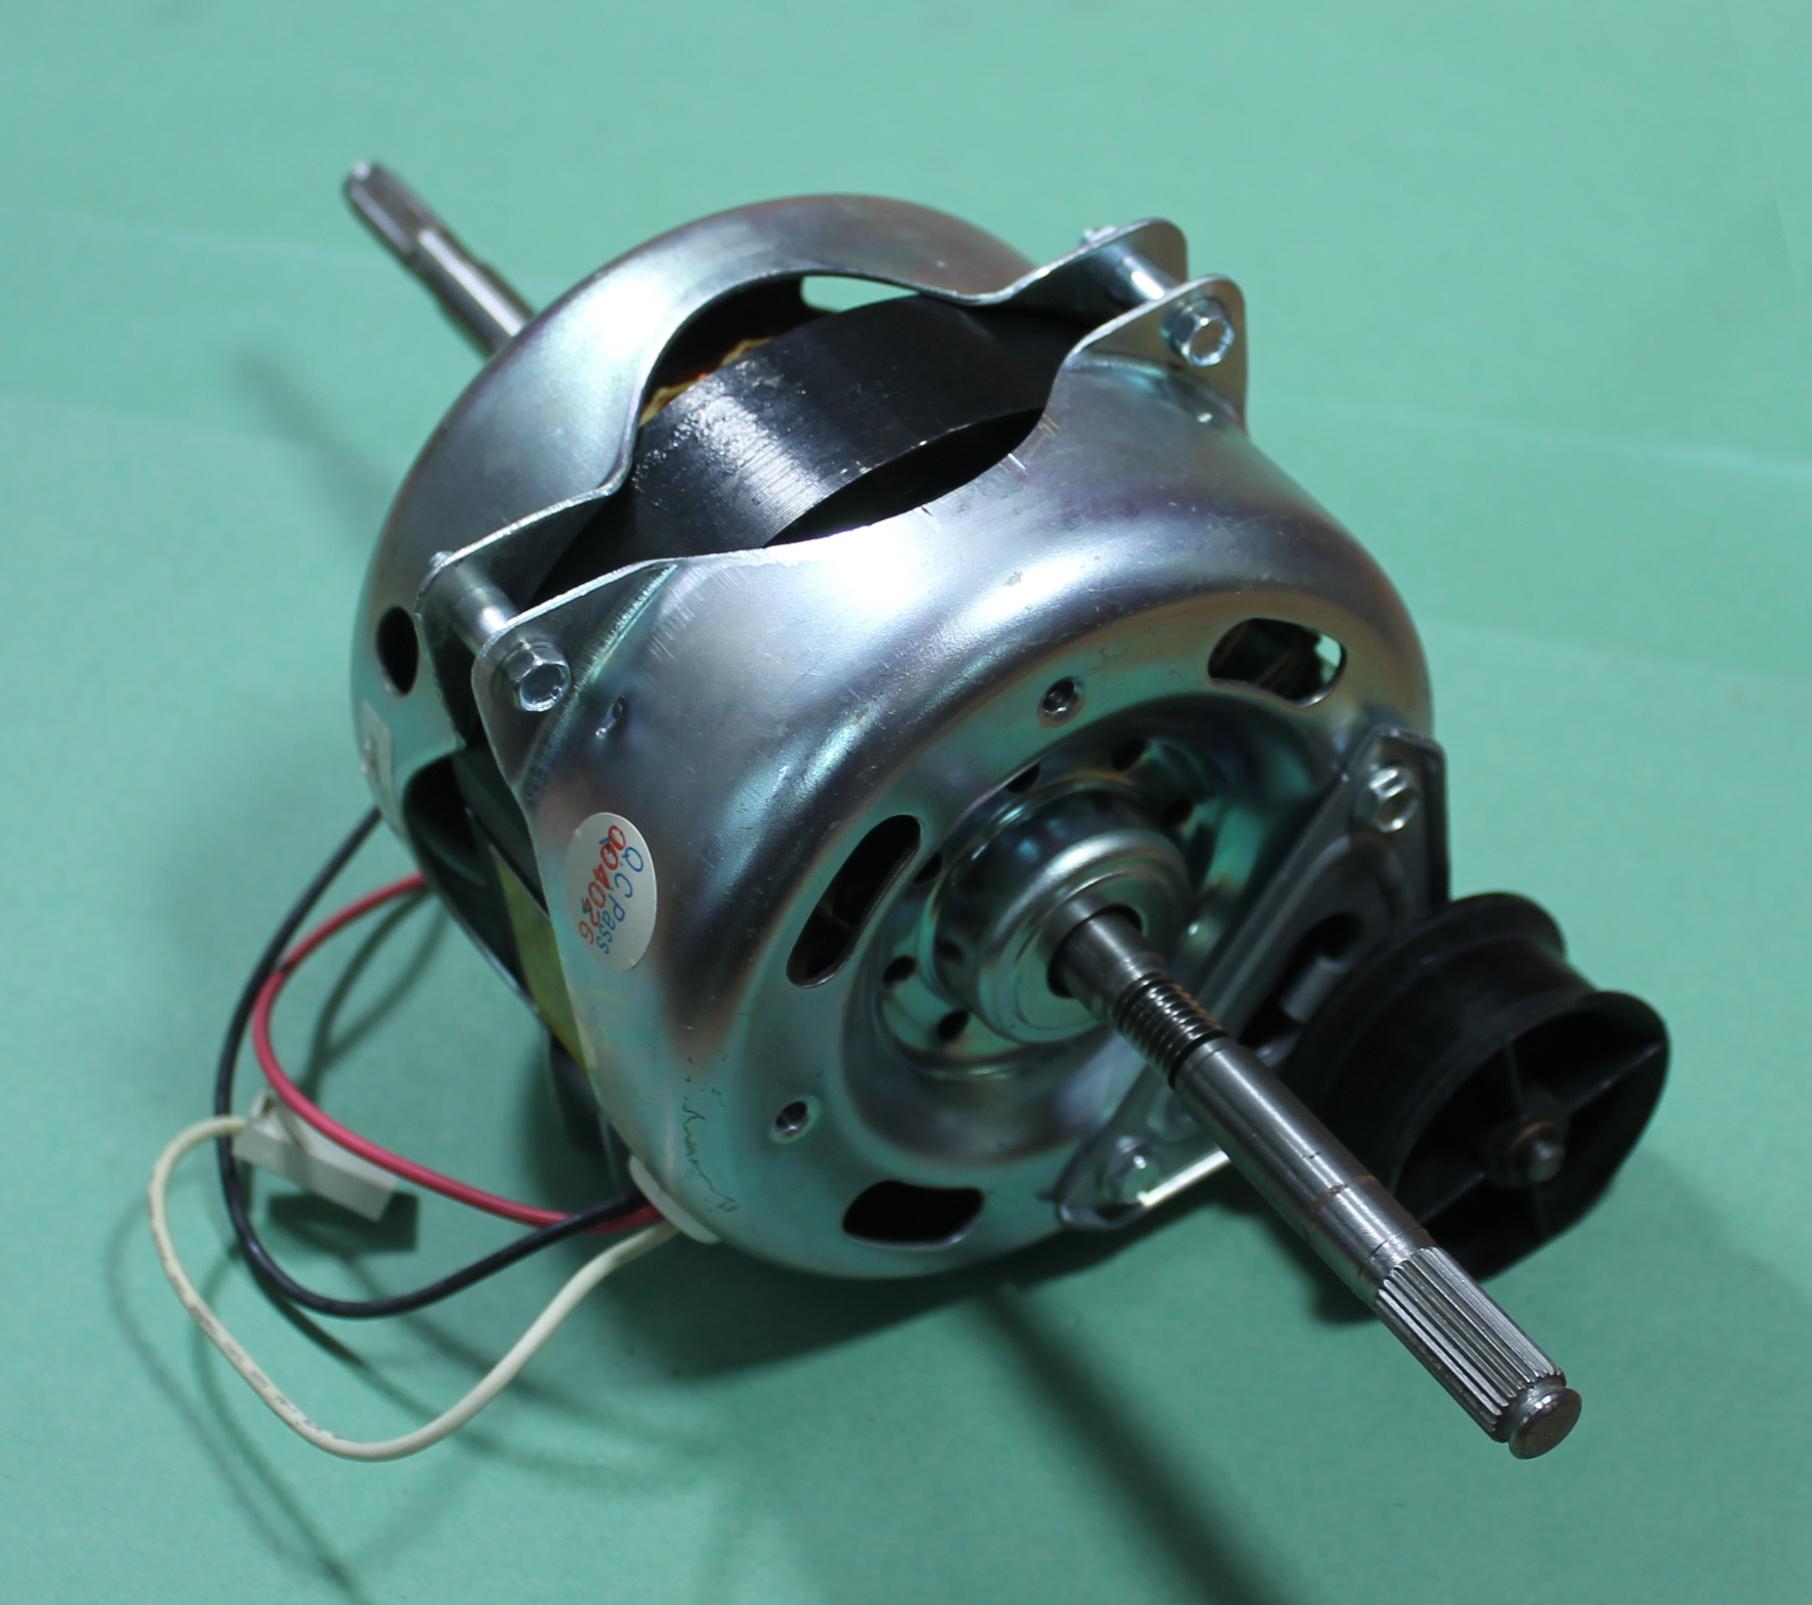 Hotpoint Tcm580 Tumble Dryer Motor Welling Yxh80 2d Ebay